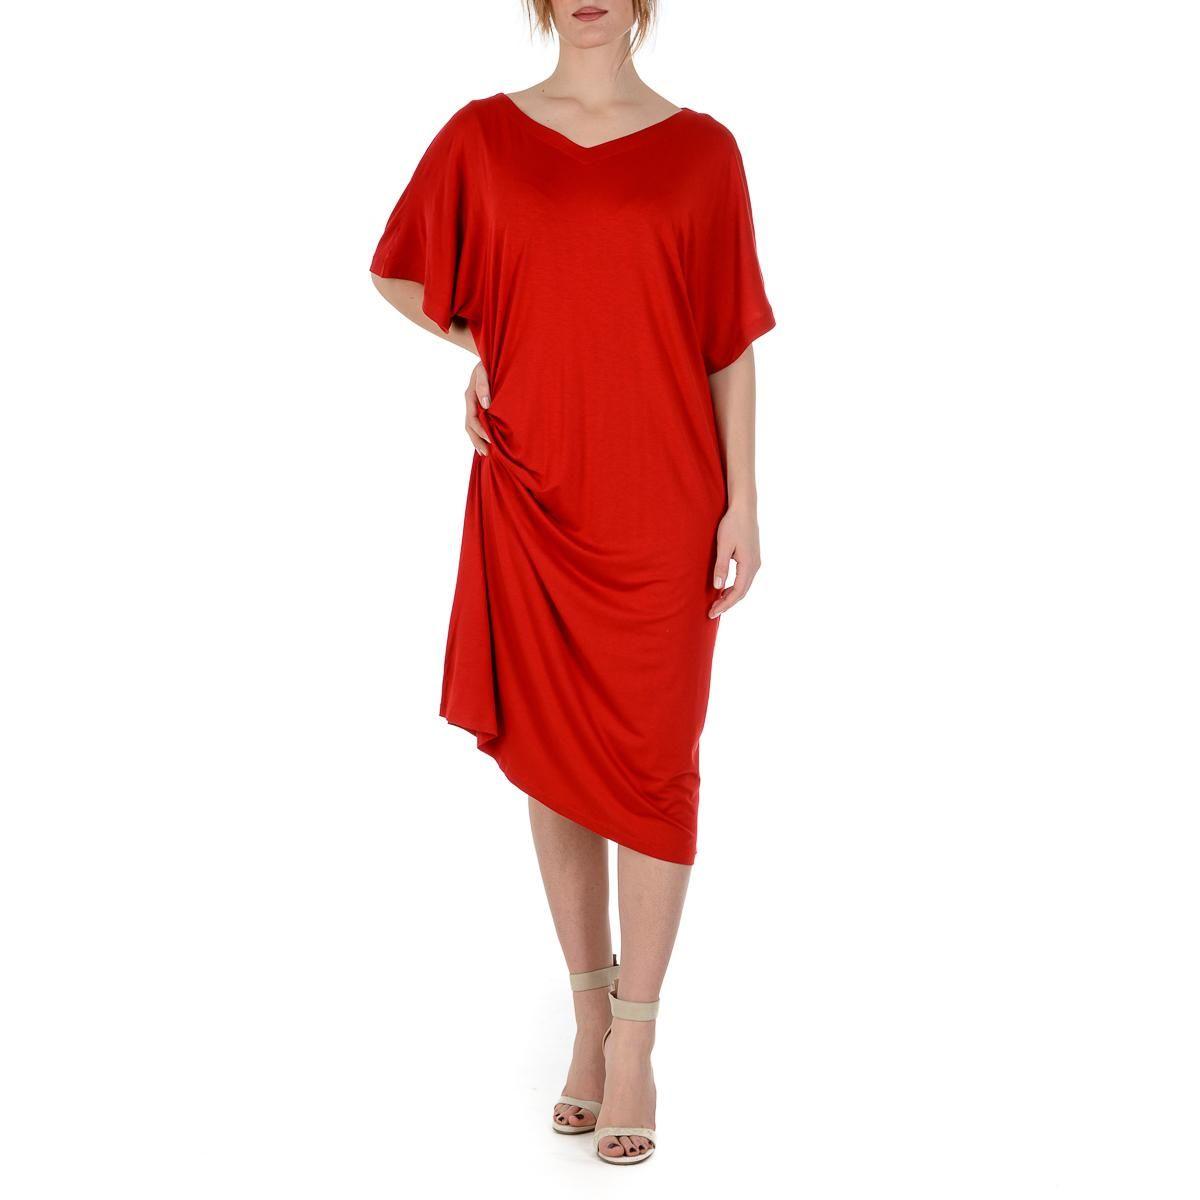 Annaclub by La Perla Womens Dress Red